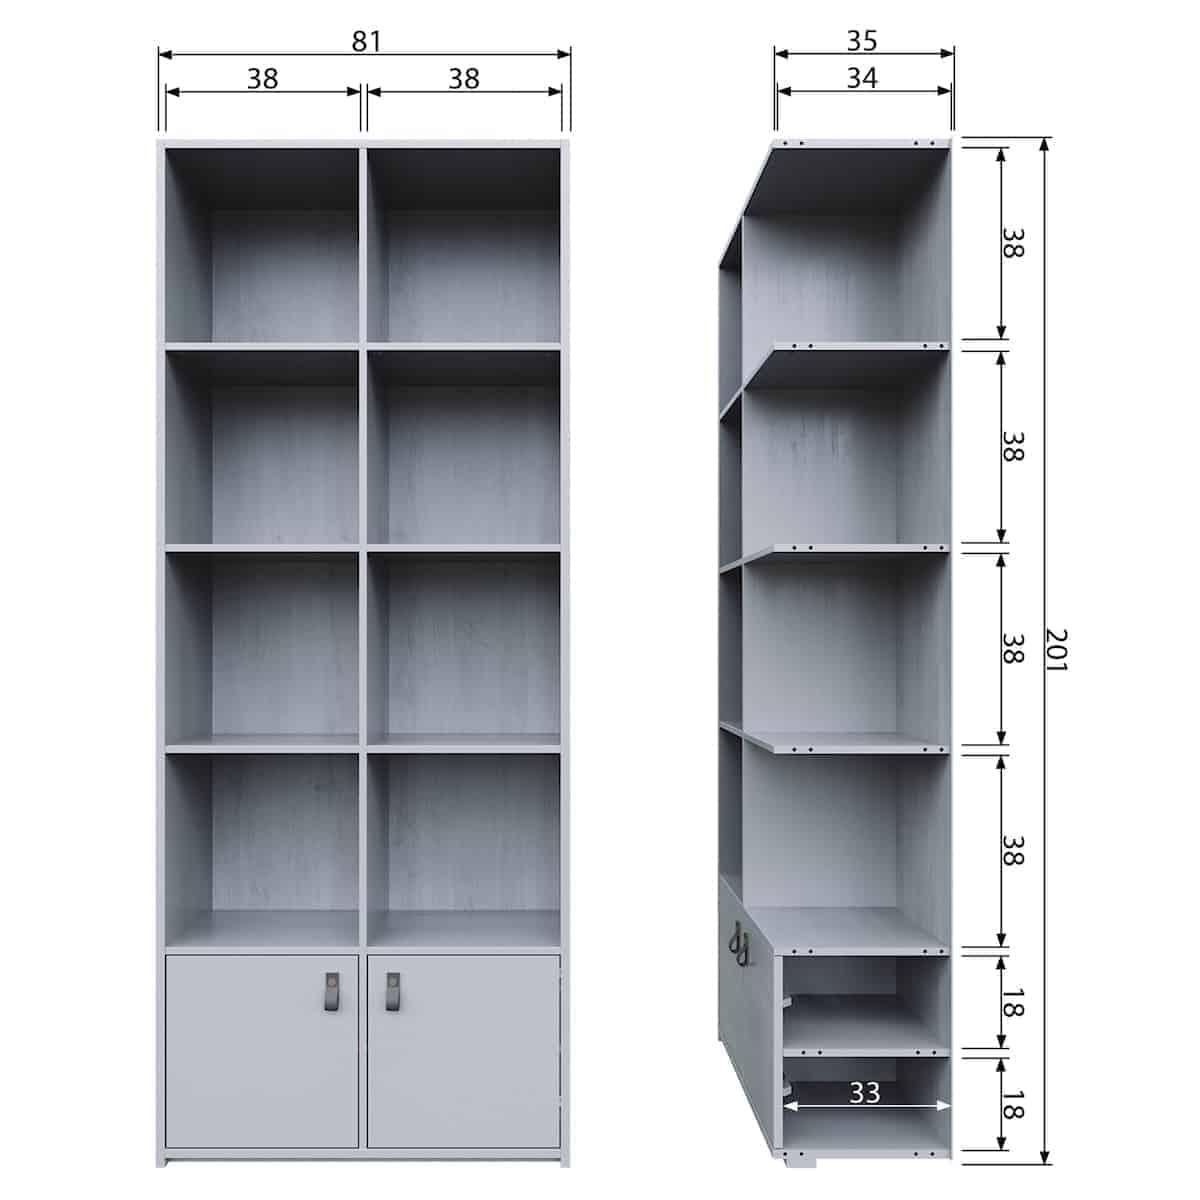 vtwonen Boekenkast grenenhout betongrijs - Hal ZES10